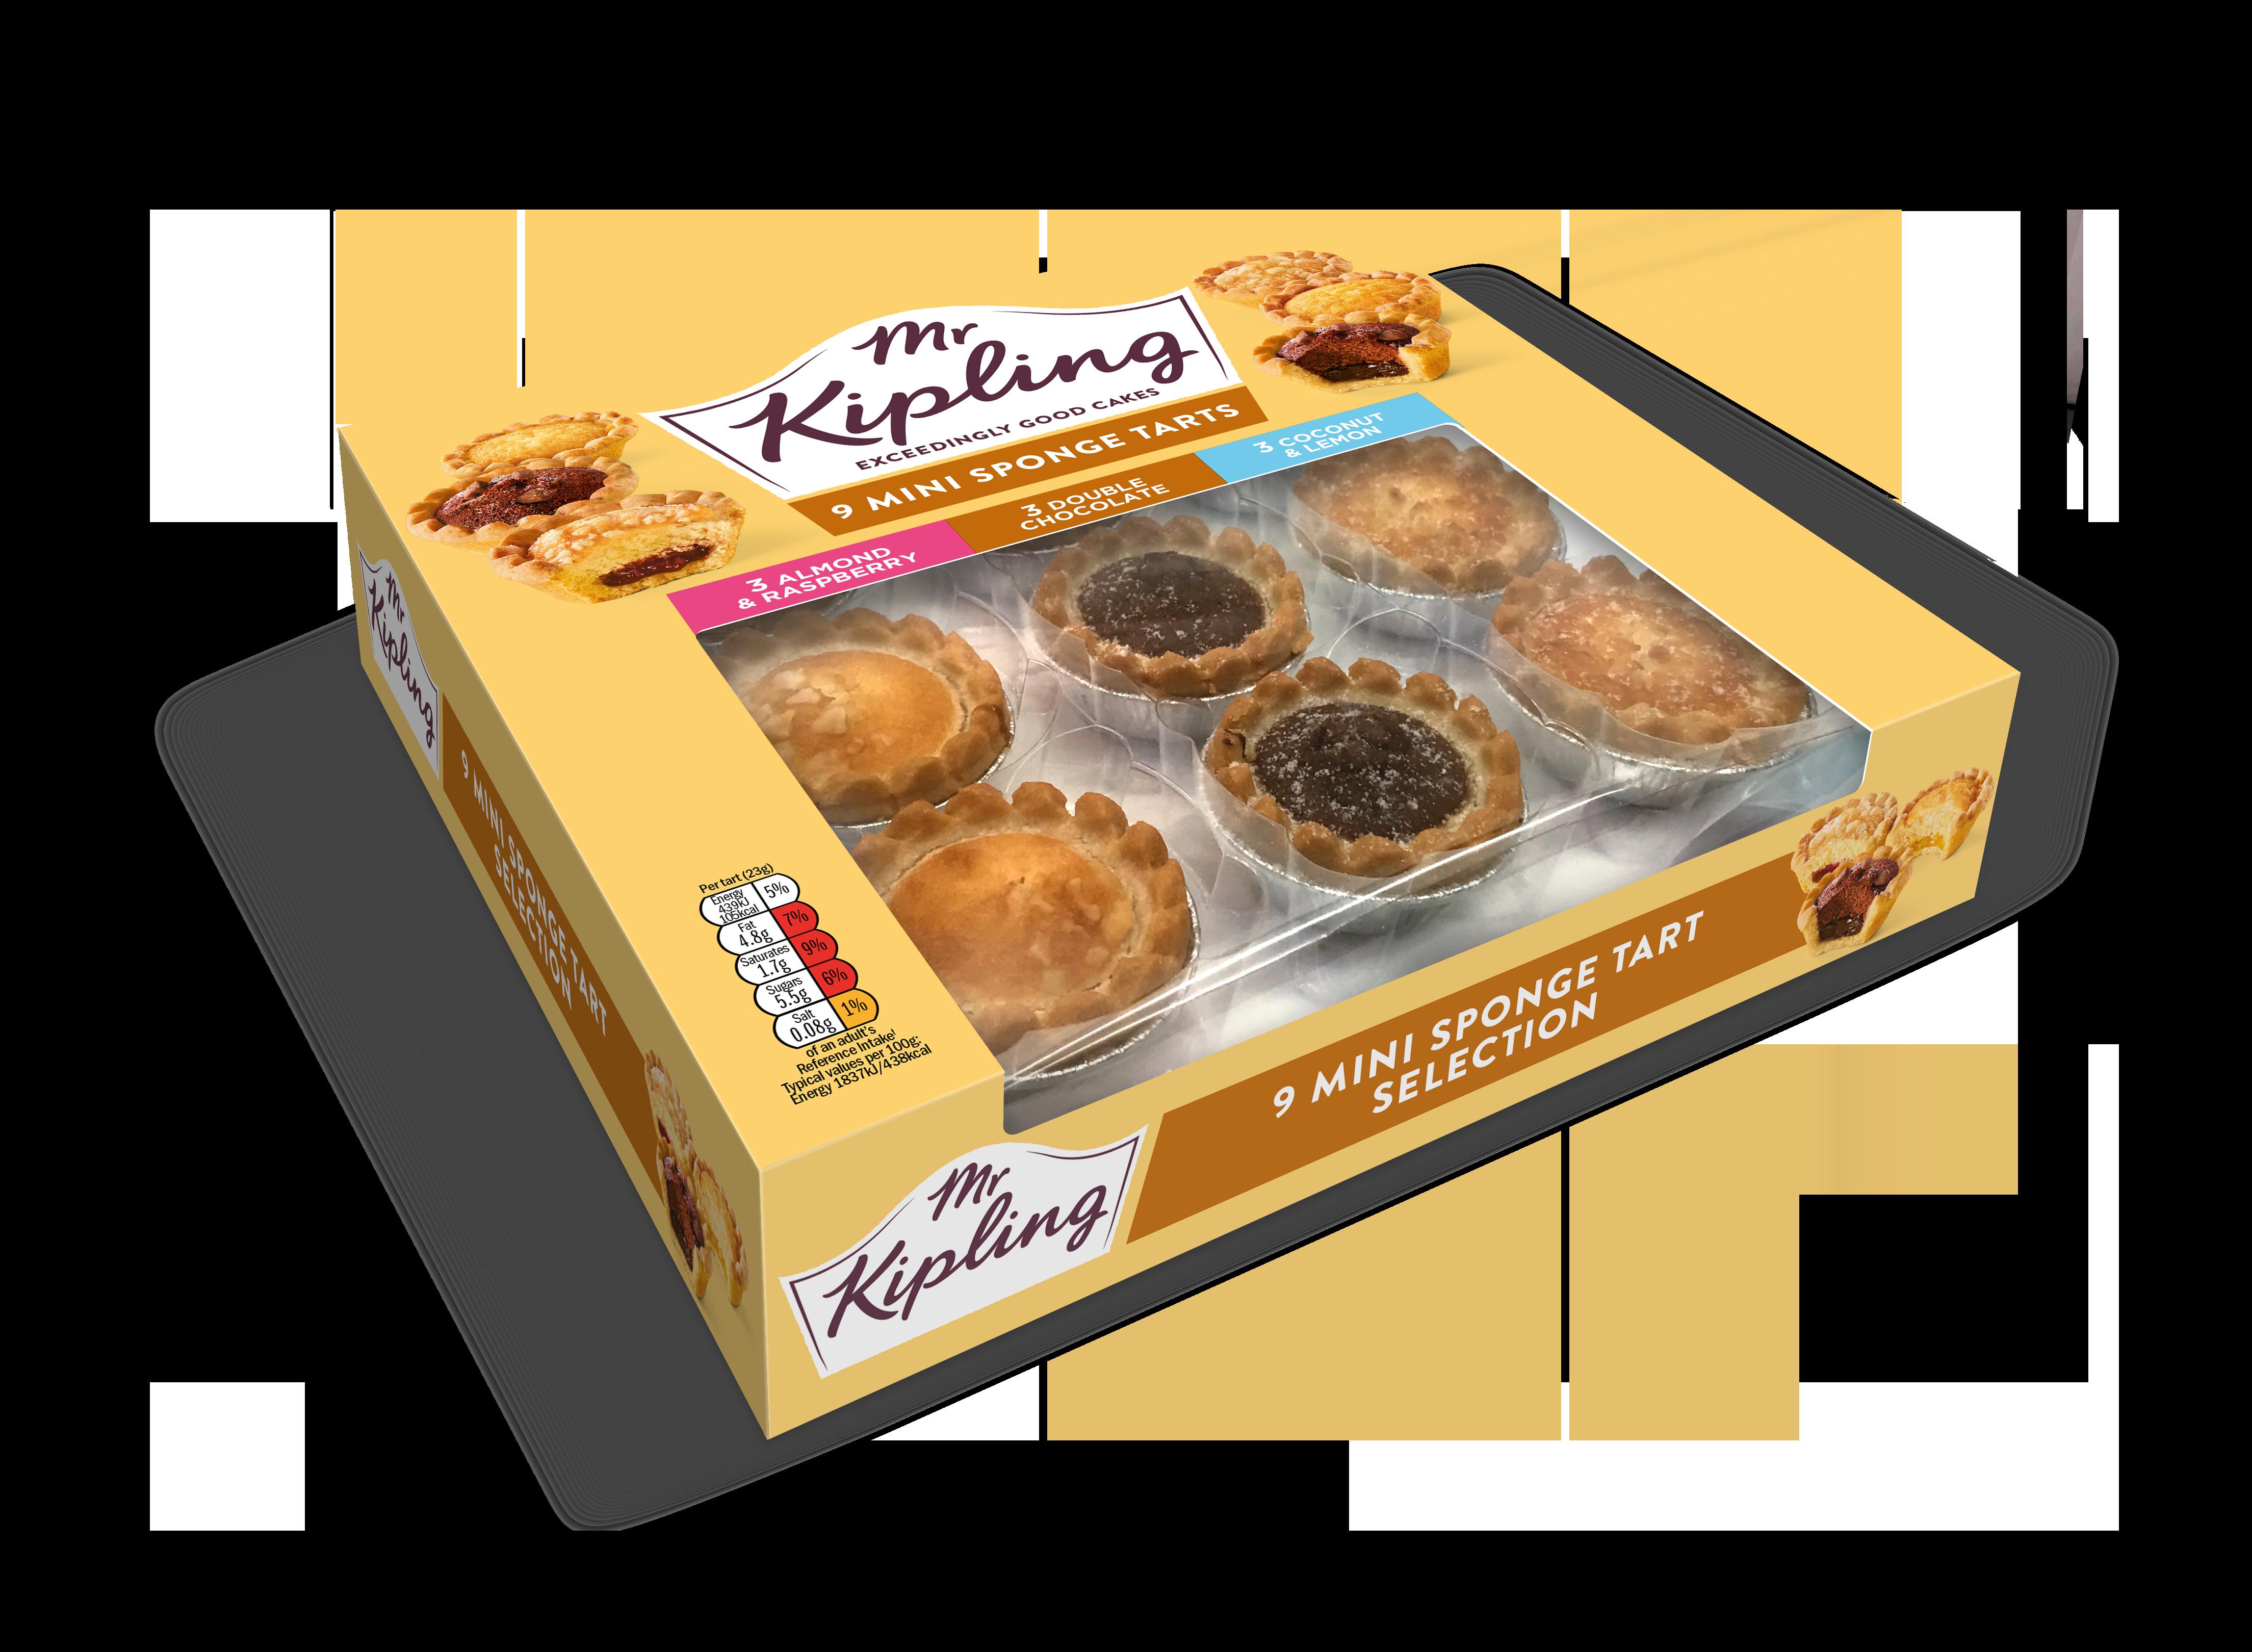 Mr Kipling pies cakes